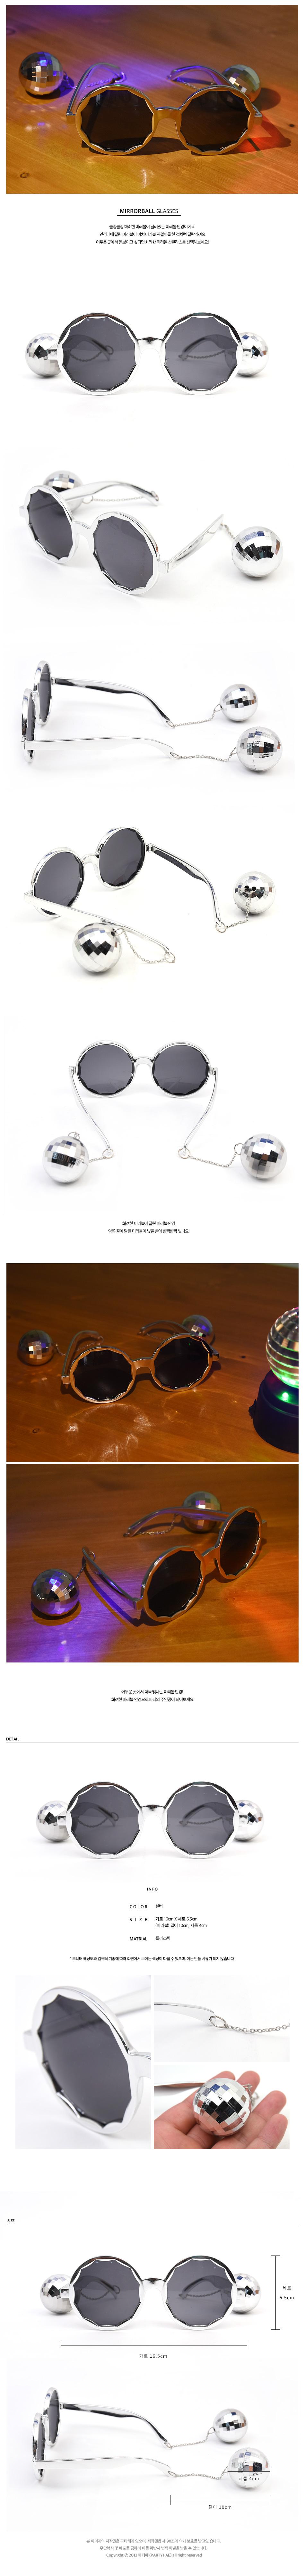 미러볼 안경 (실버) - 파티해, 3,300원, 파티의상/잡화, 가면/안경